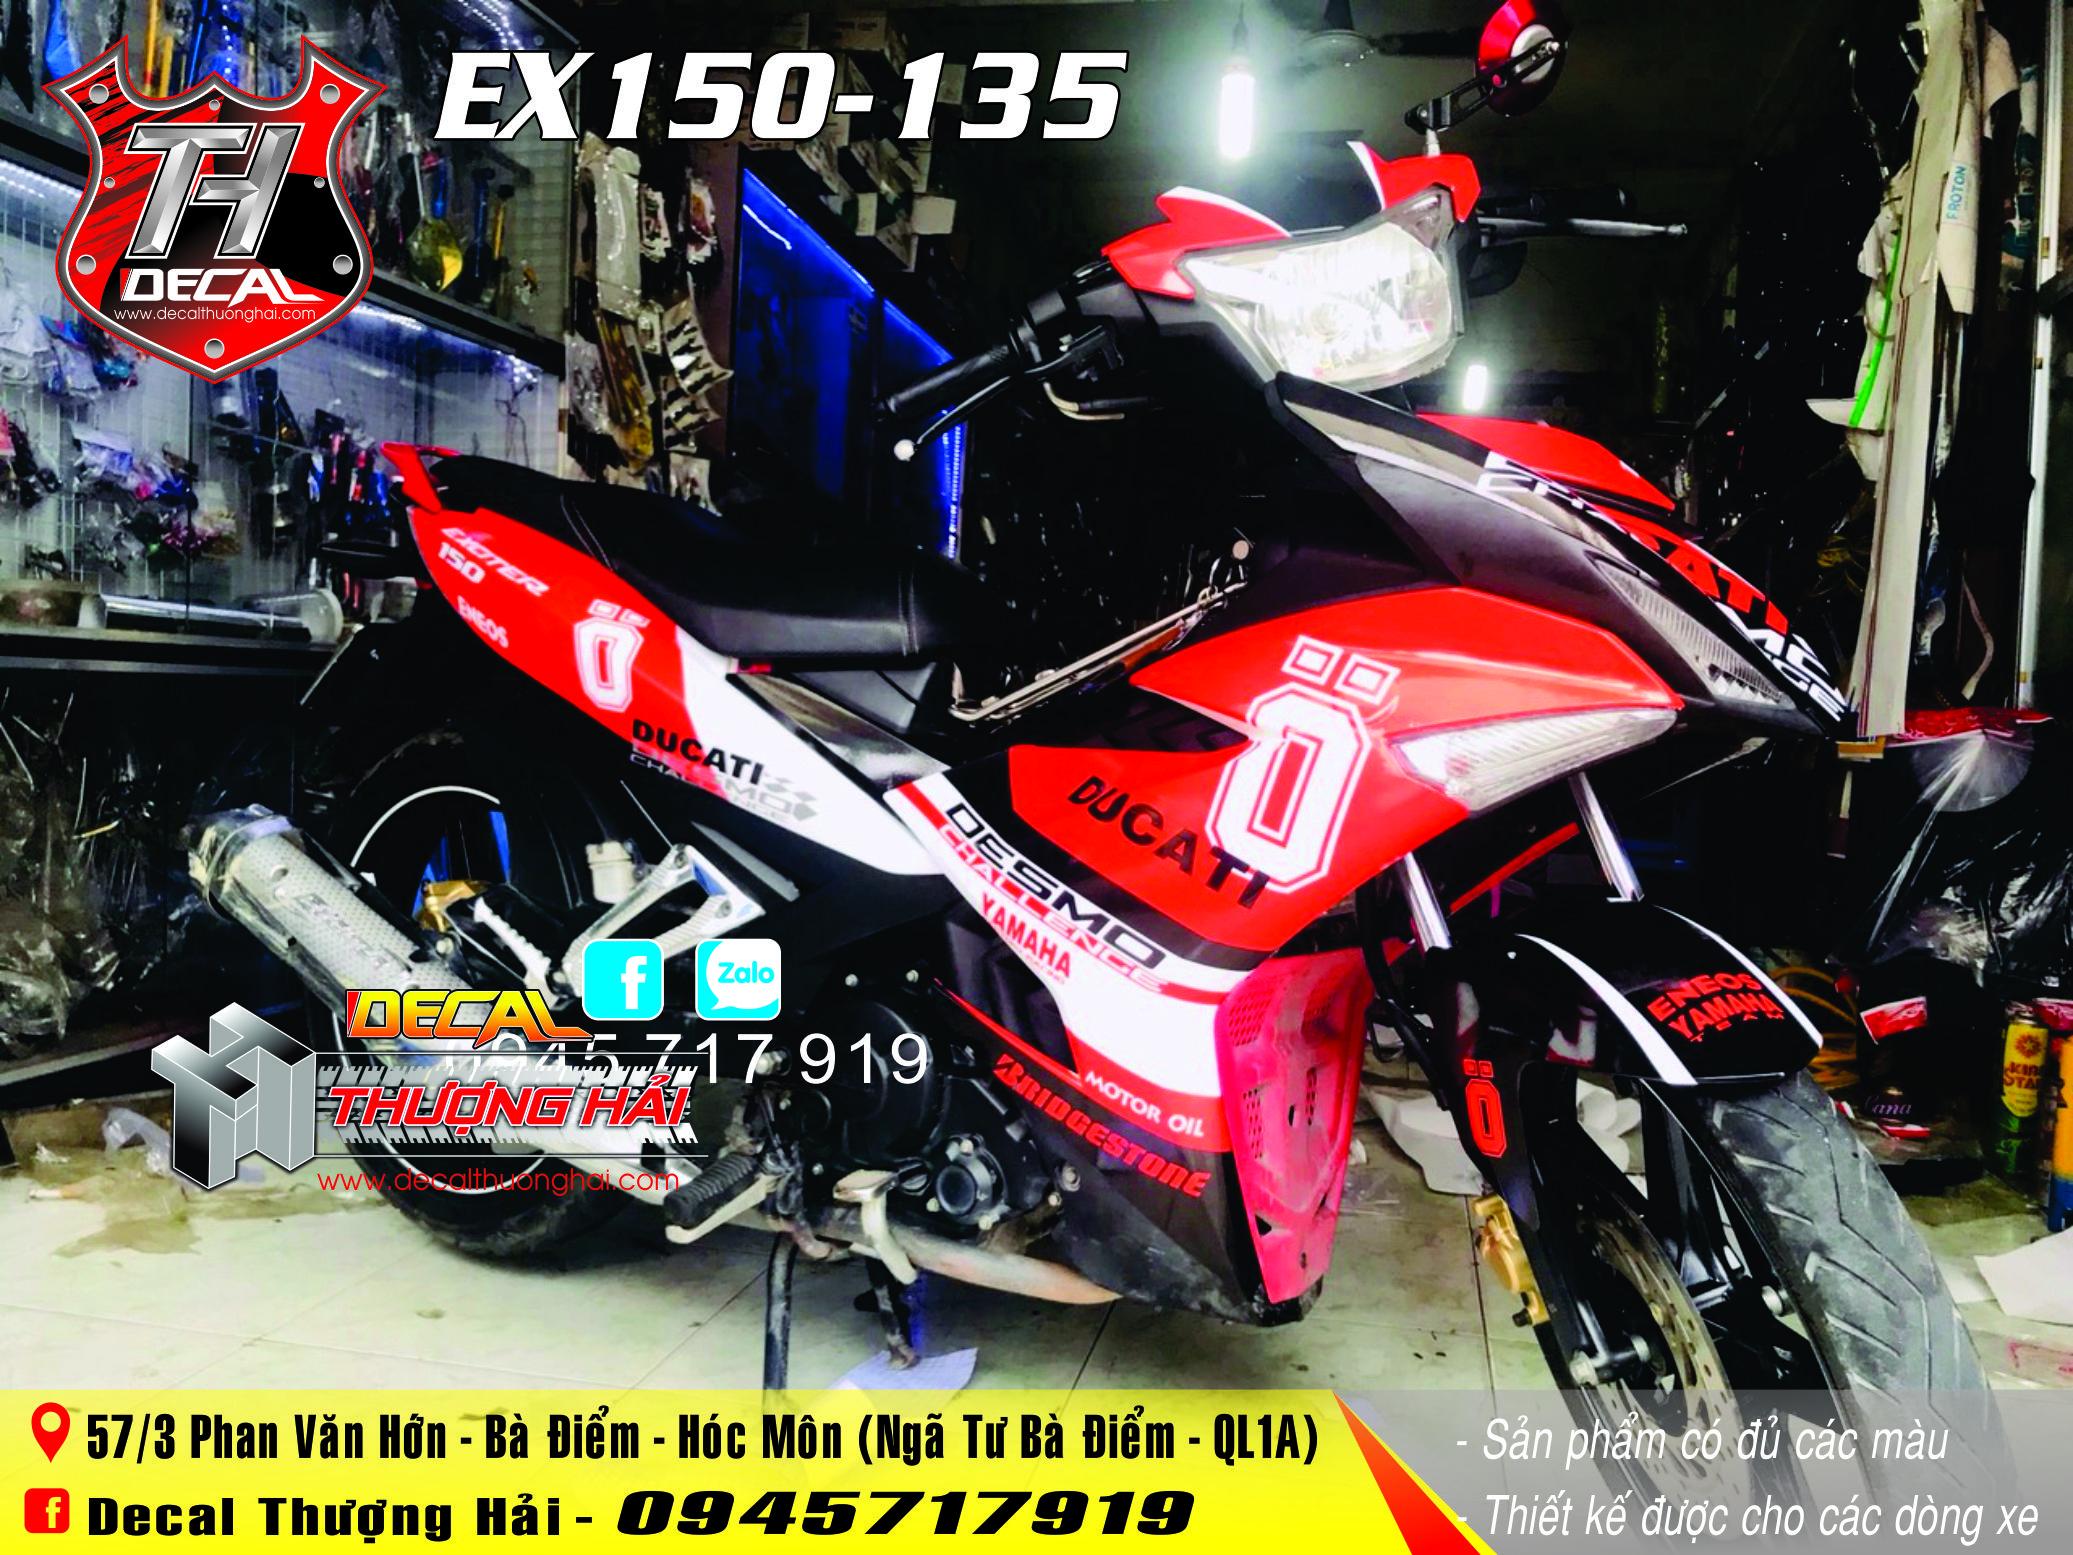 Tem Xe Exciter 150 Đỏ Trắng Đen 135